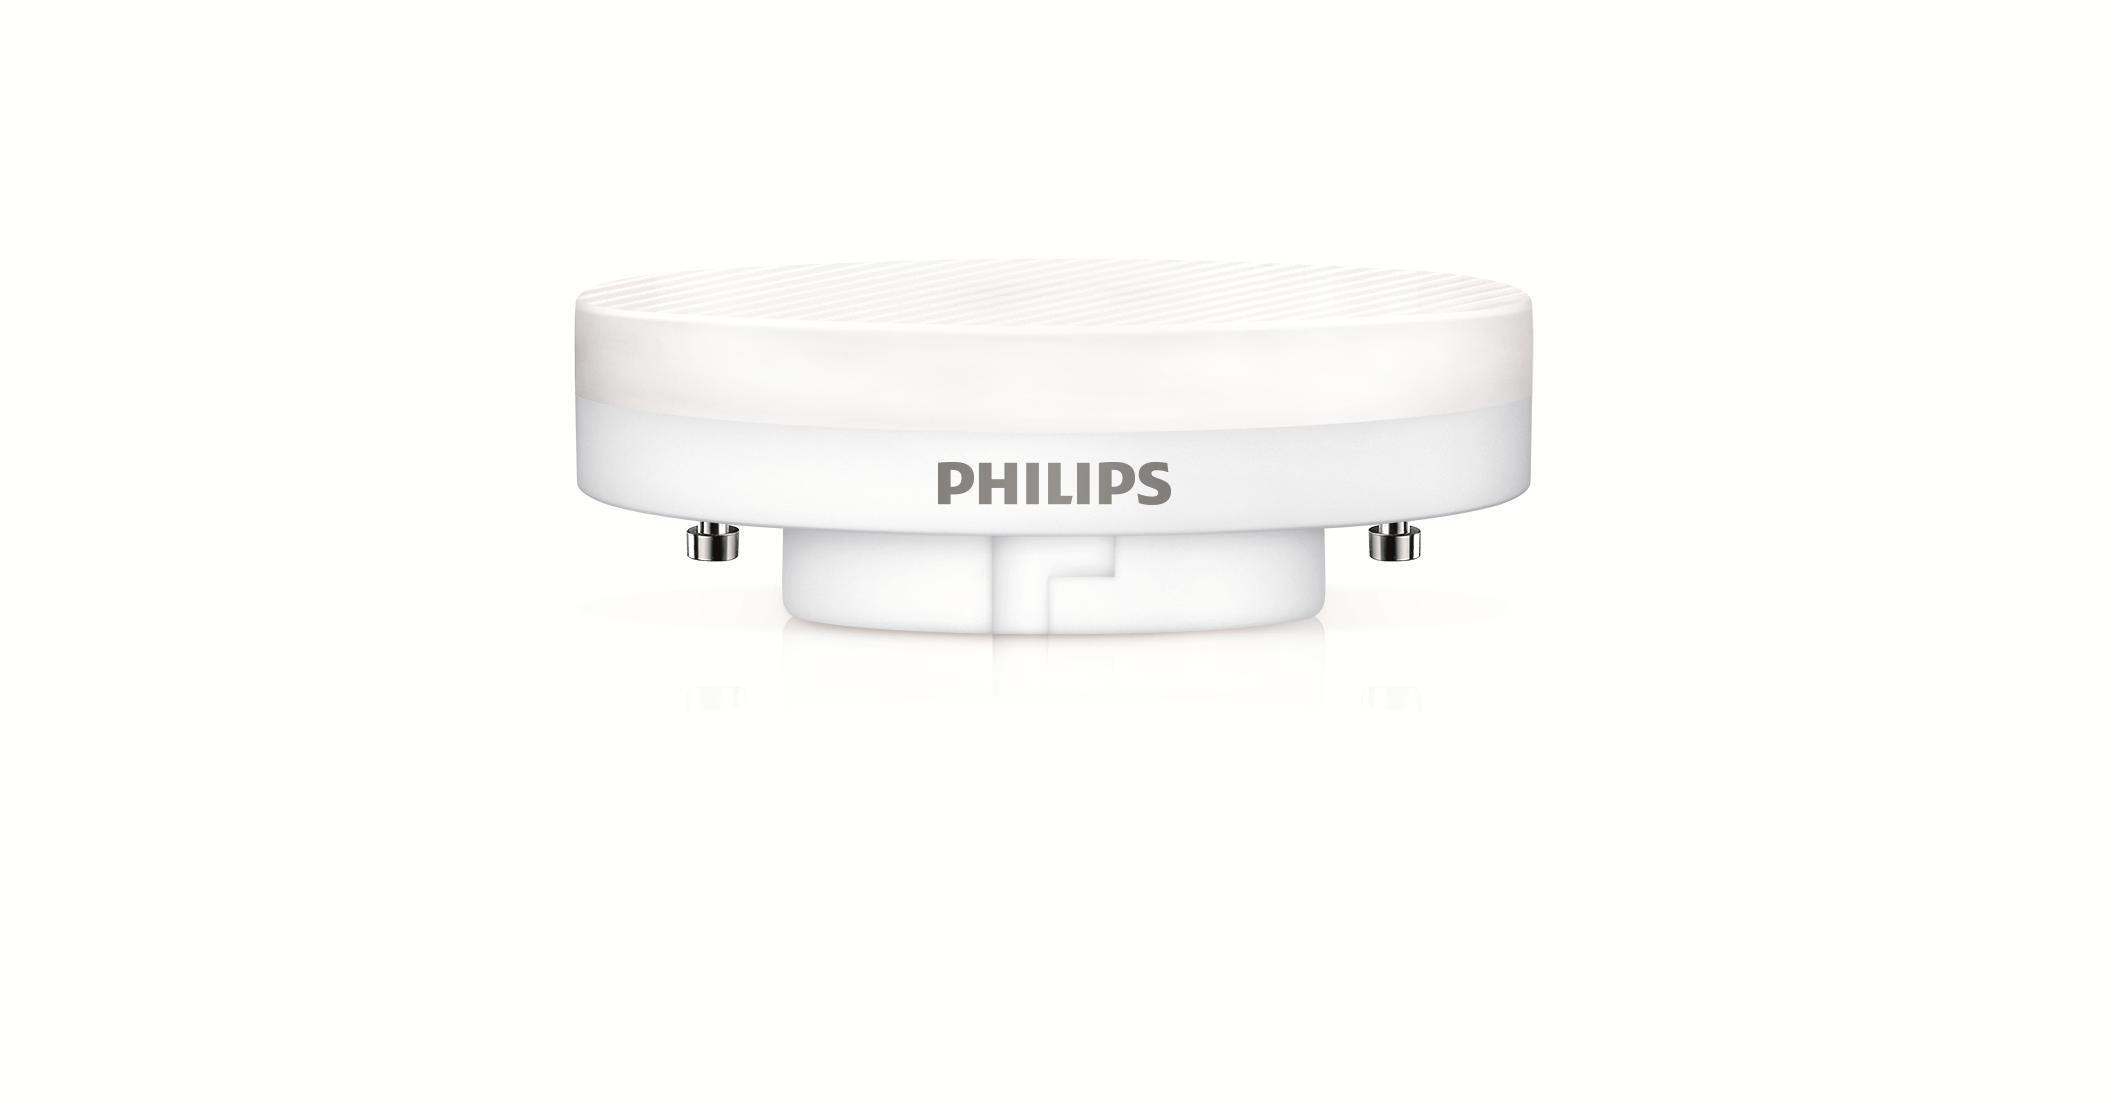 Світлодіодні лампи GX53 - 220V Philips : АСТ-Світлотехніка Київ SVT.org.UA